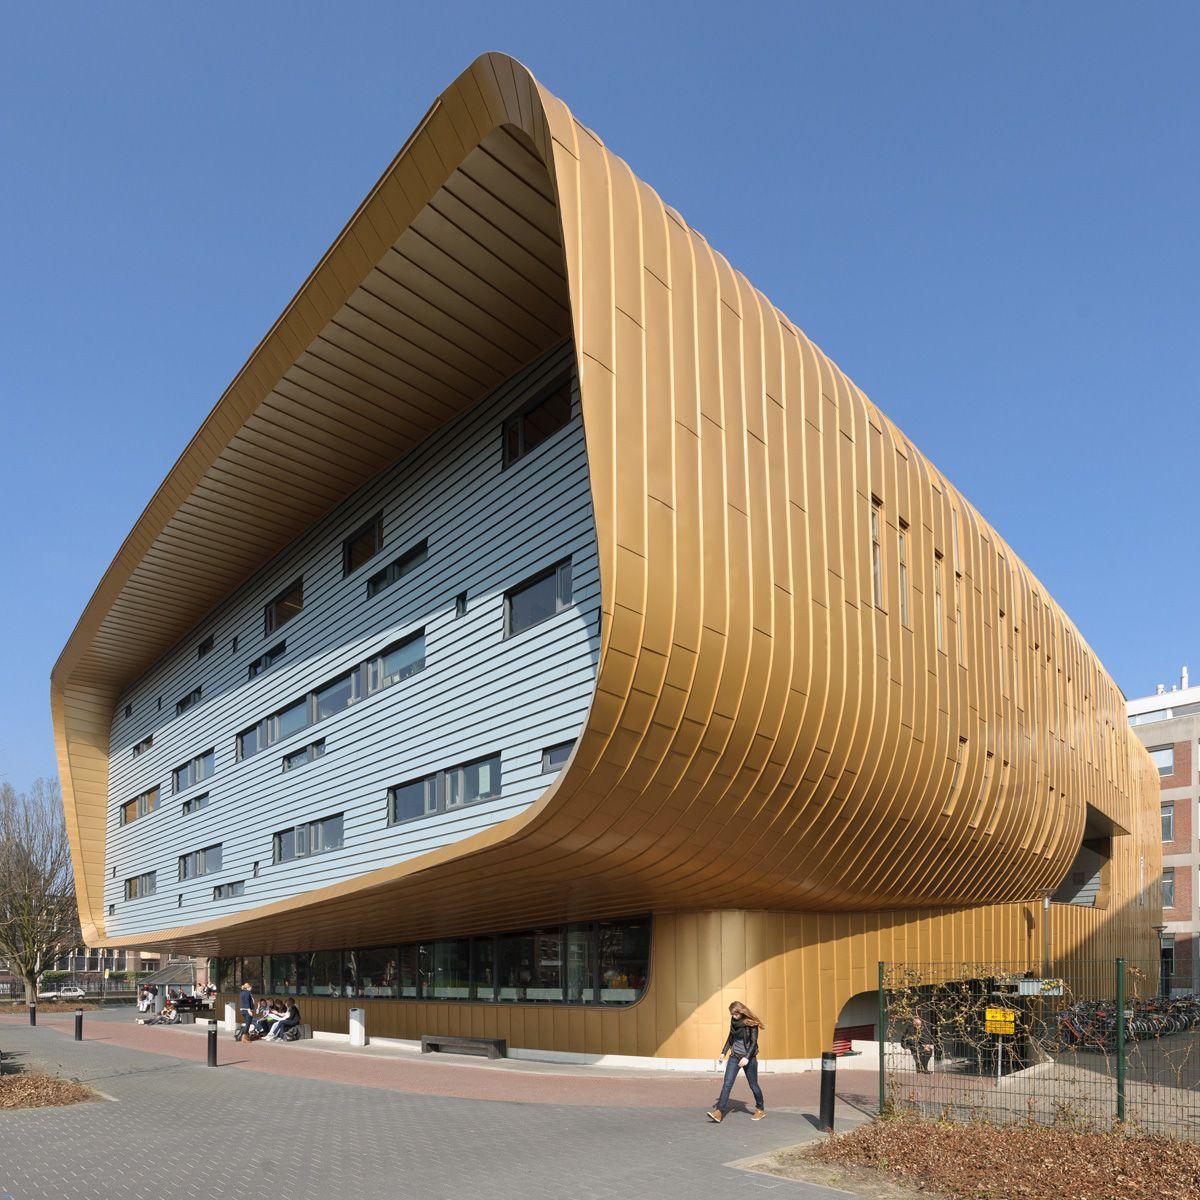 umcg university hospital groningen design rau architects